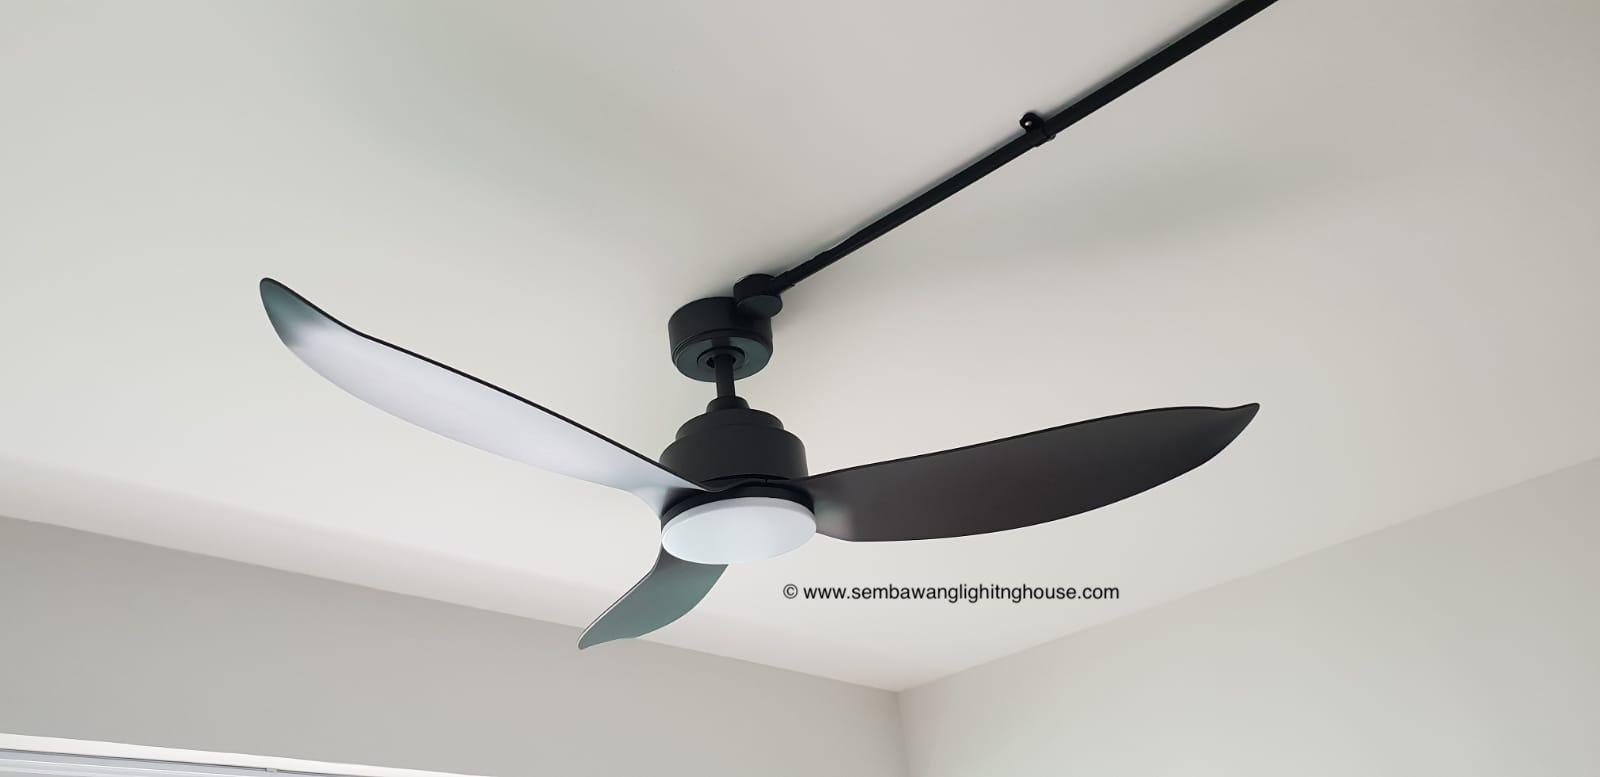 sample-03-acorn-dc356-ceiling-fan-black-sembawang-lighting-house.jpg